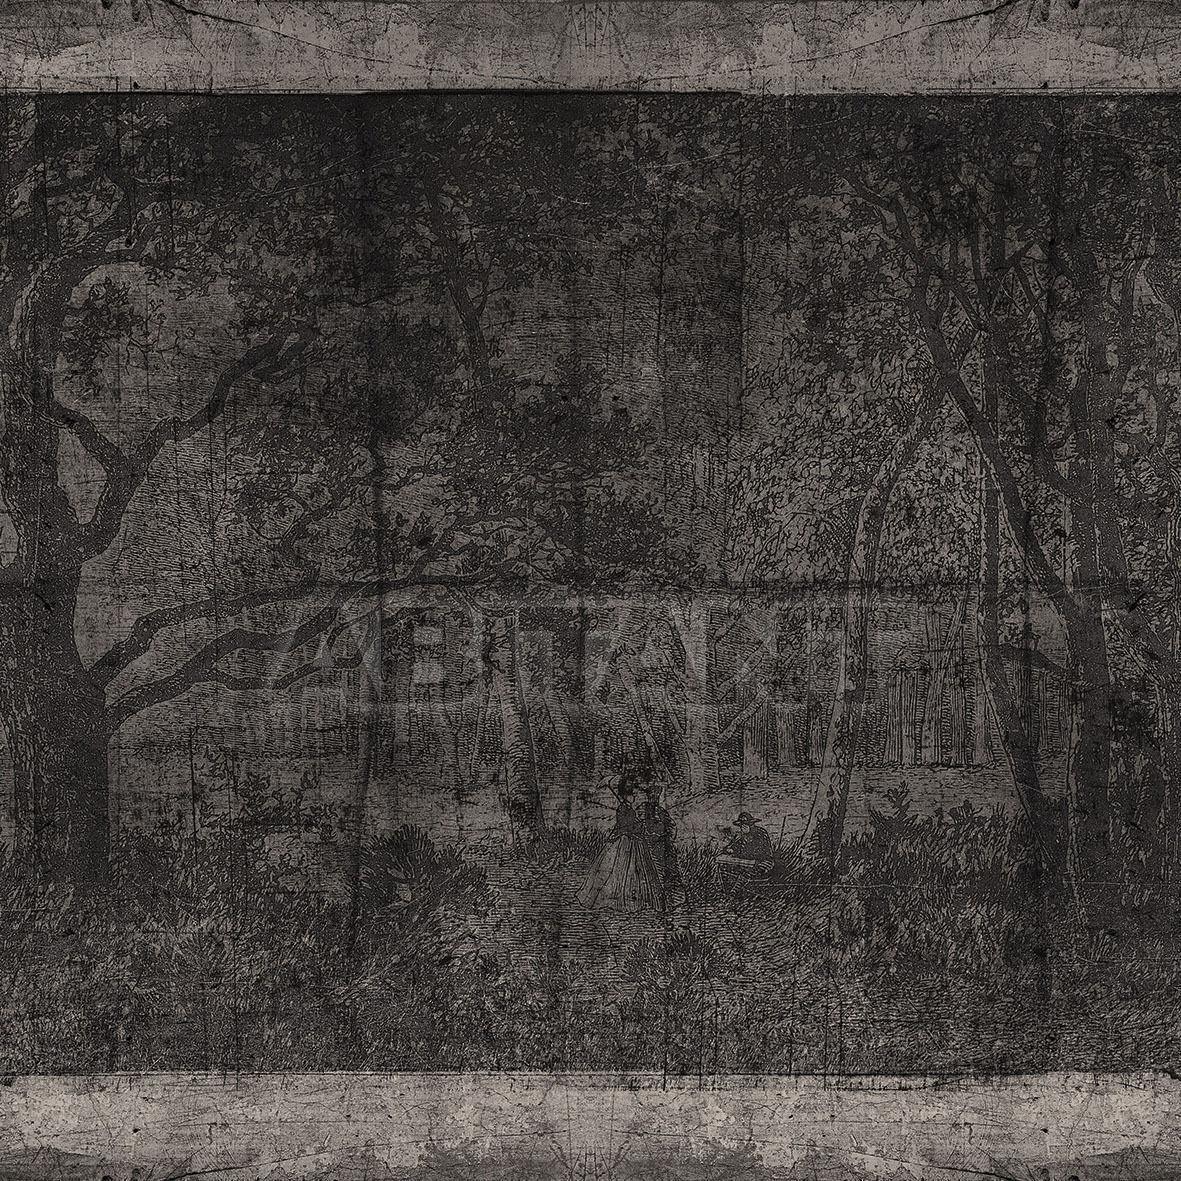 Купить Бумажные обои THE ARTIST LondonArt - Grafika S.r.l.  Eden 15 15156 1